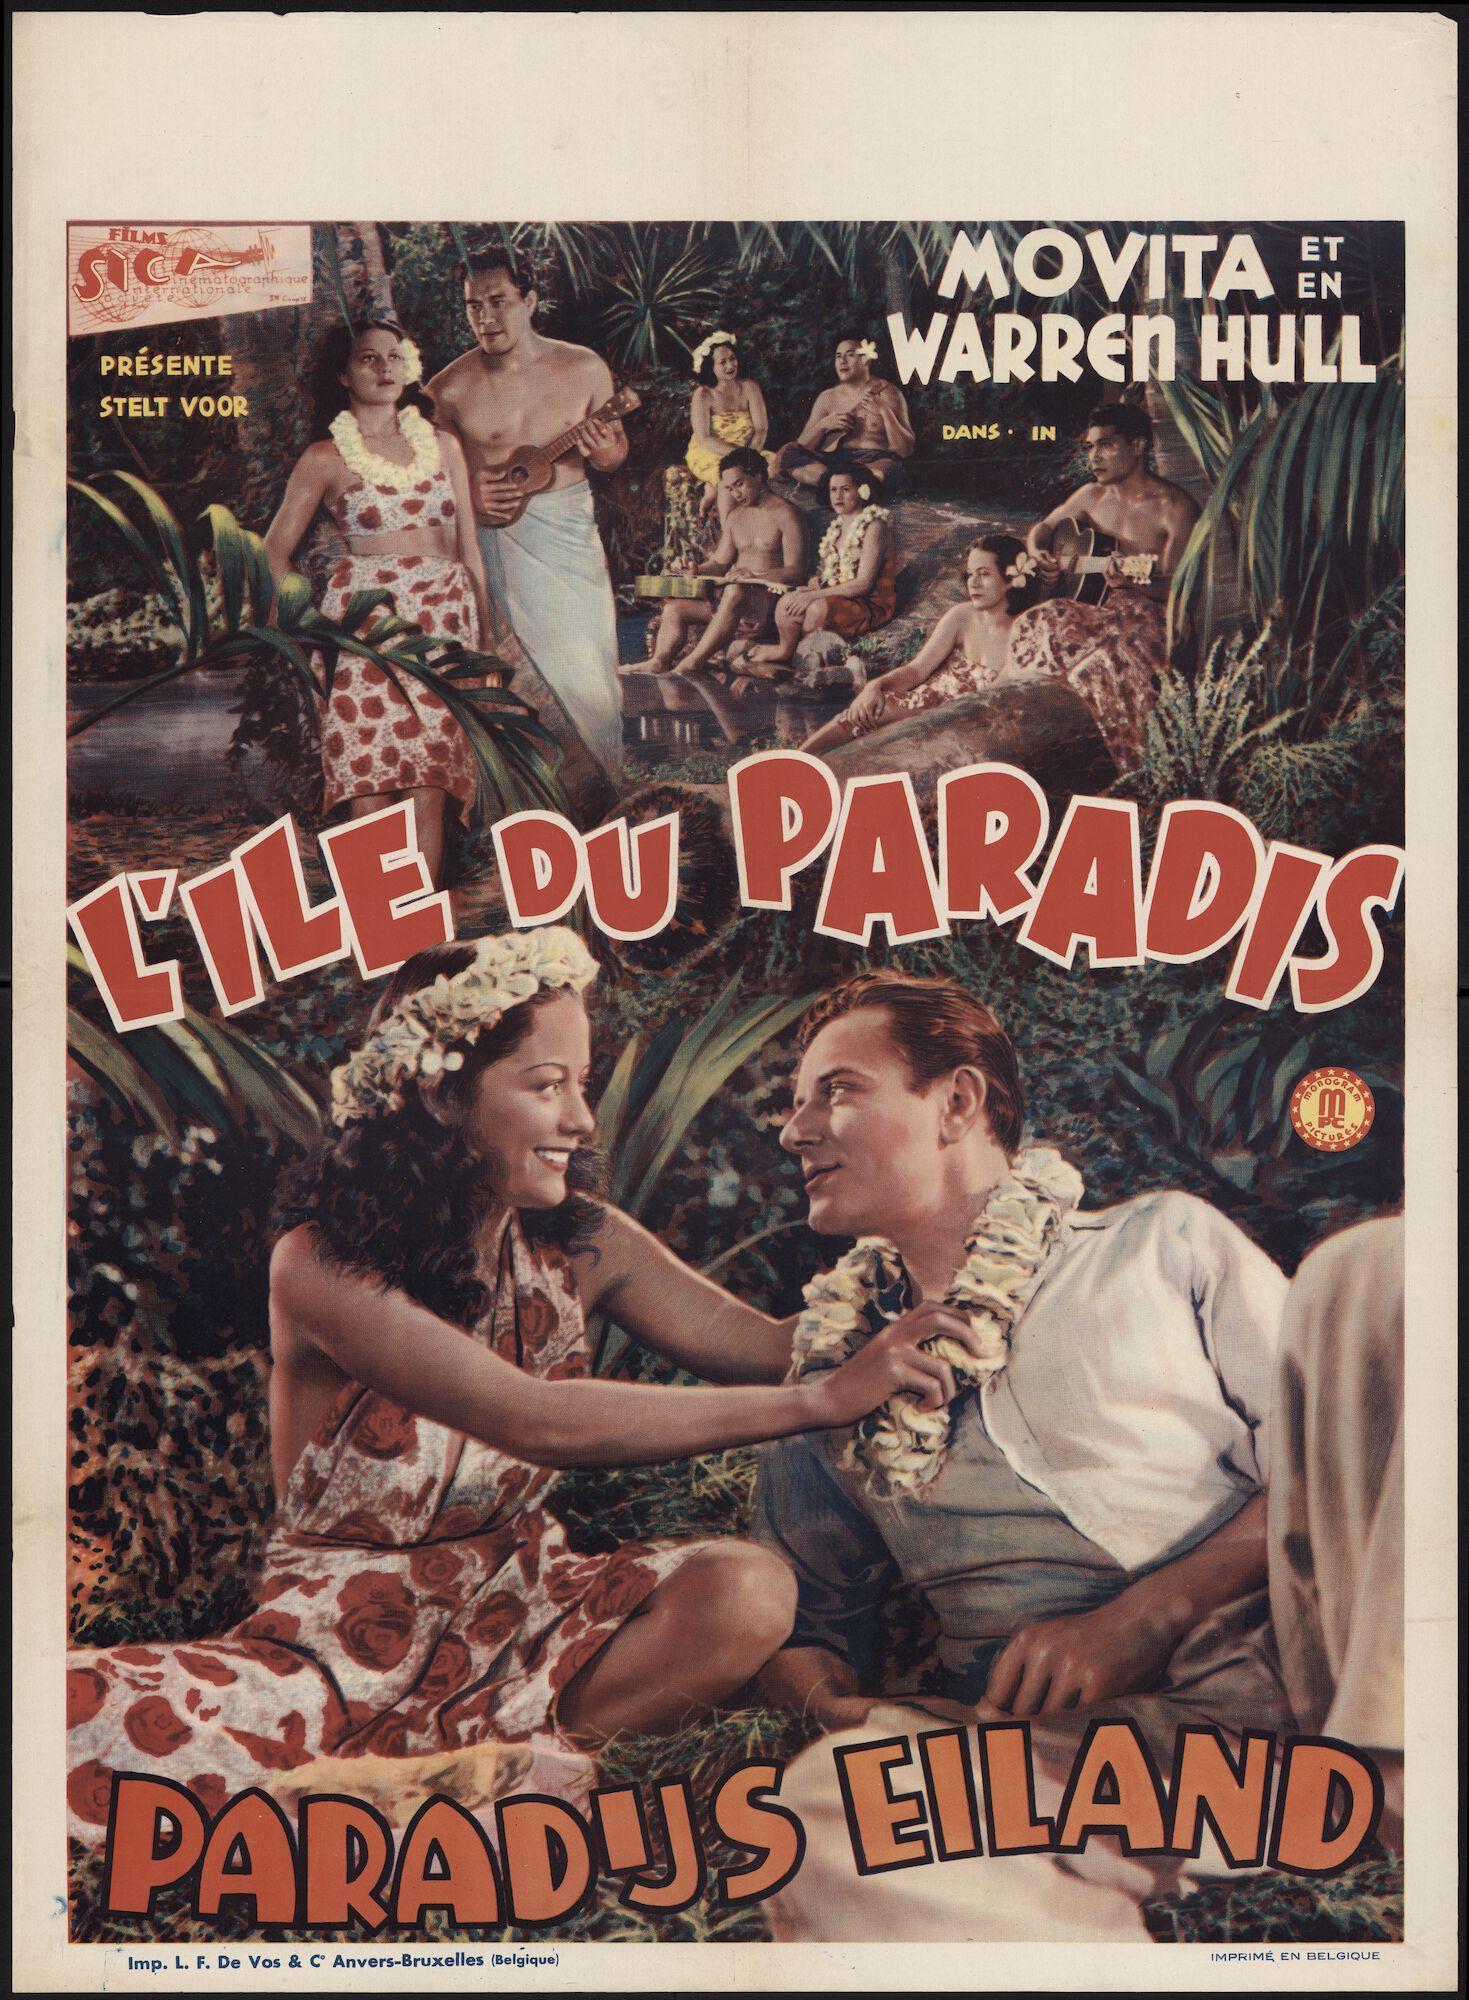 L'île du paradis   Paradijs eiland, Gent, [1940?]